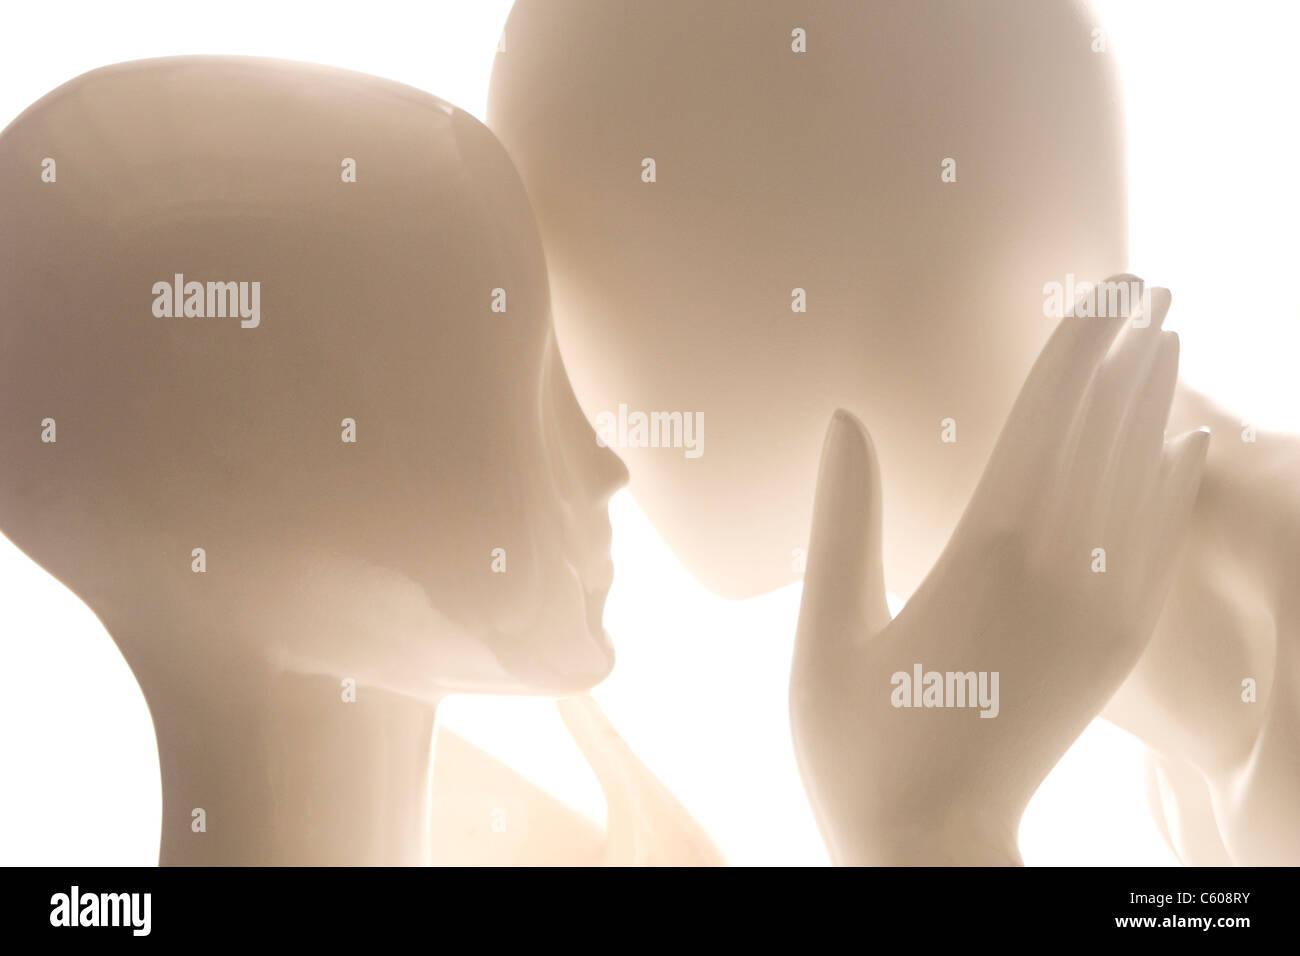 Zwei Mannequins in einer leidenschaftlichen Umarmung. Stockbild